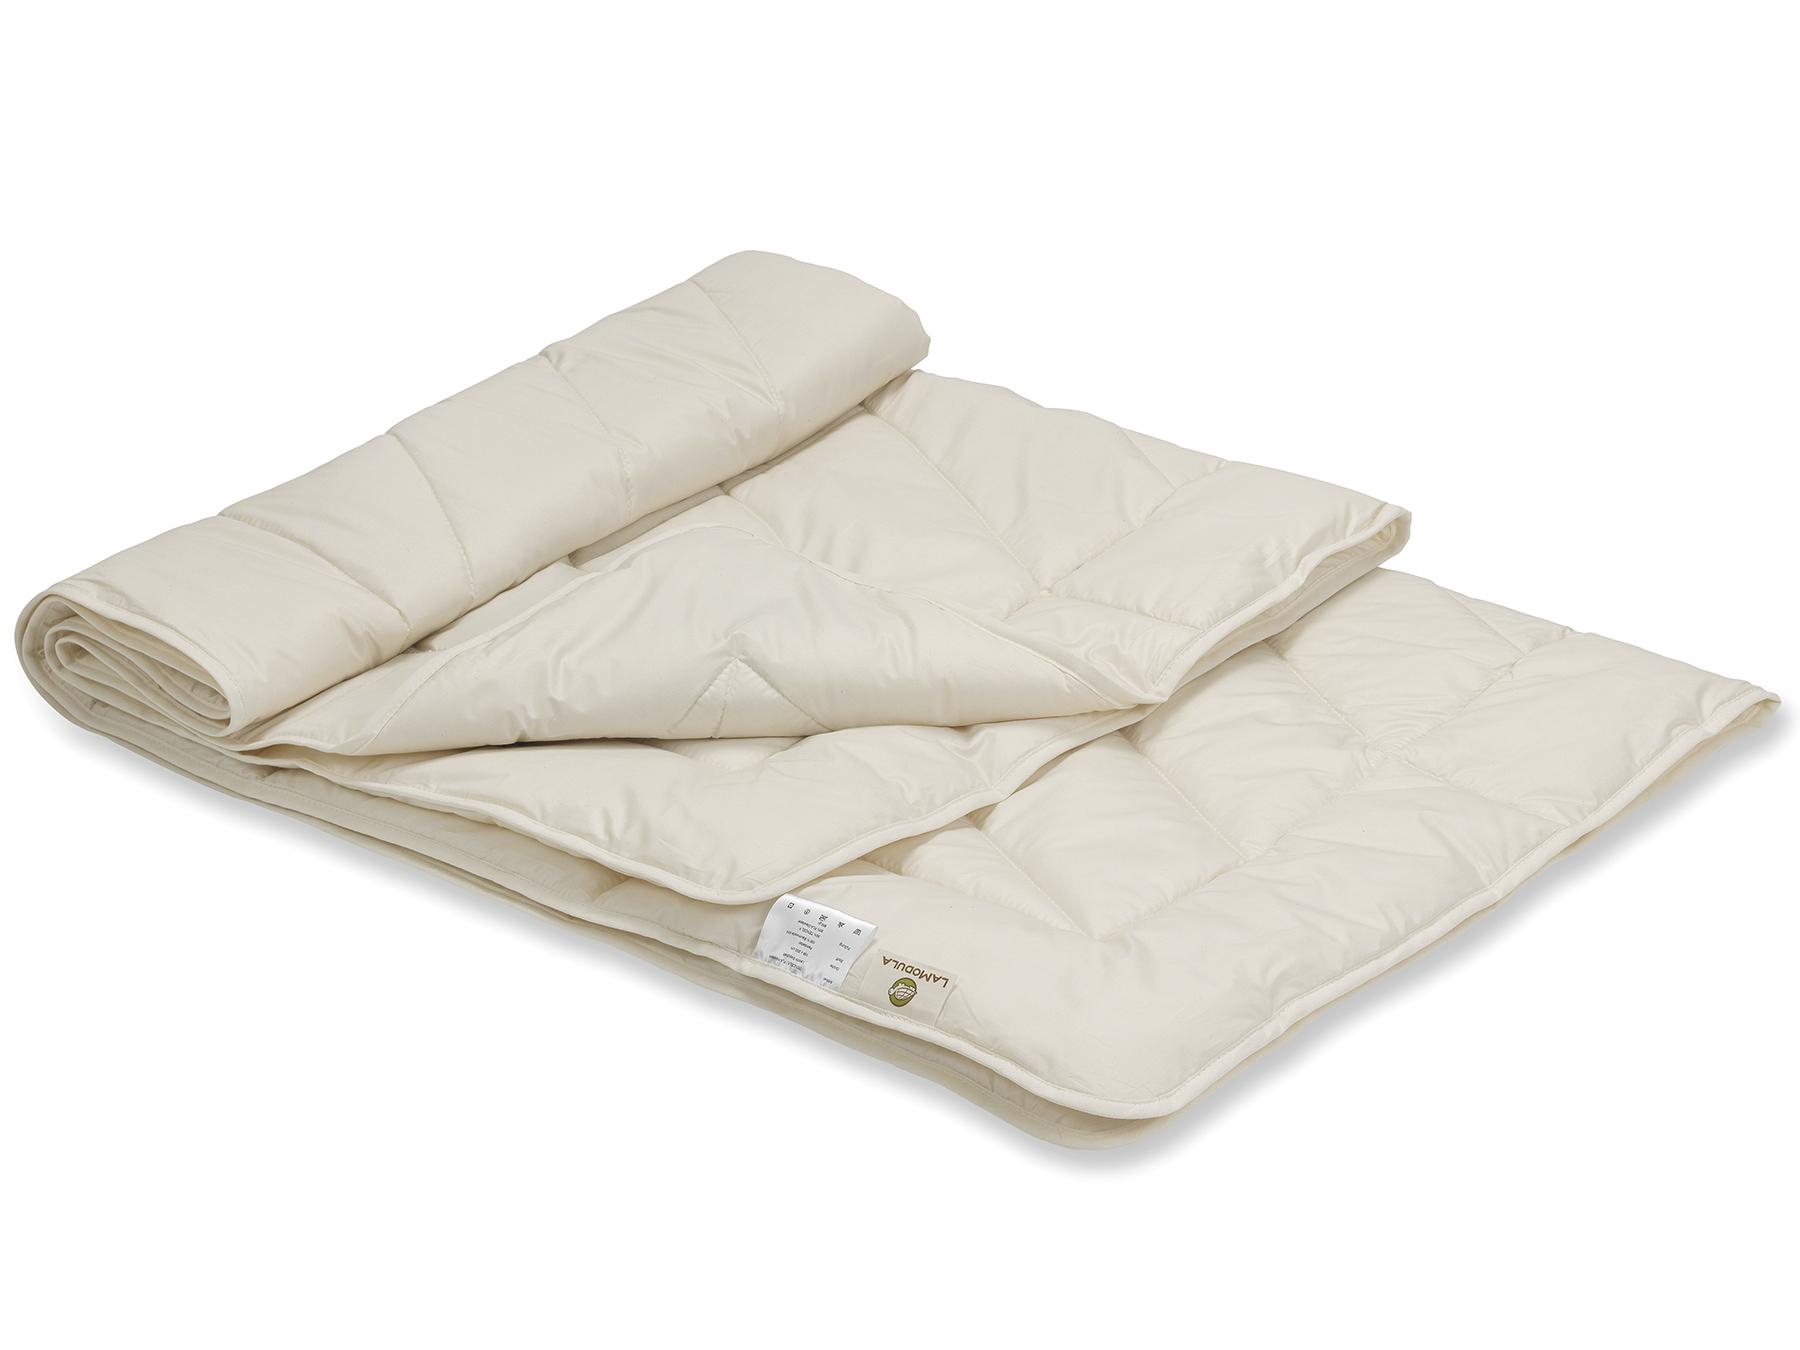 Füllung: TENCEL™ Faser und Mais-Vlies, Bezug aus Feinbatist (Baumwolle aus kbA)